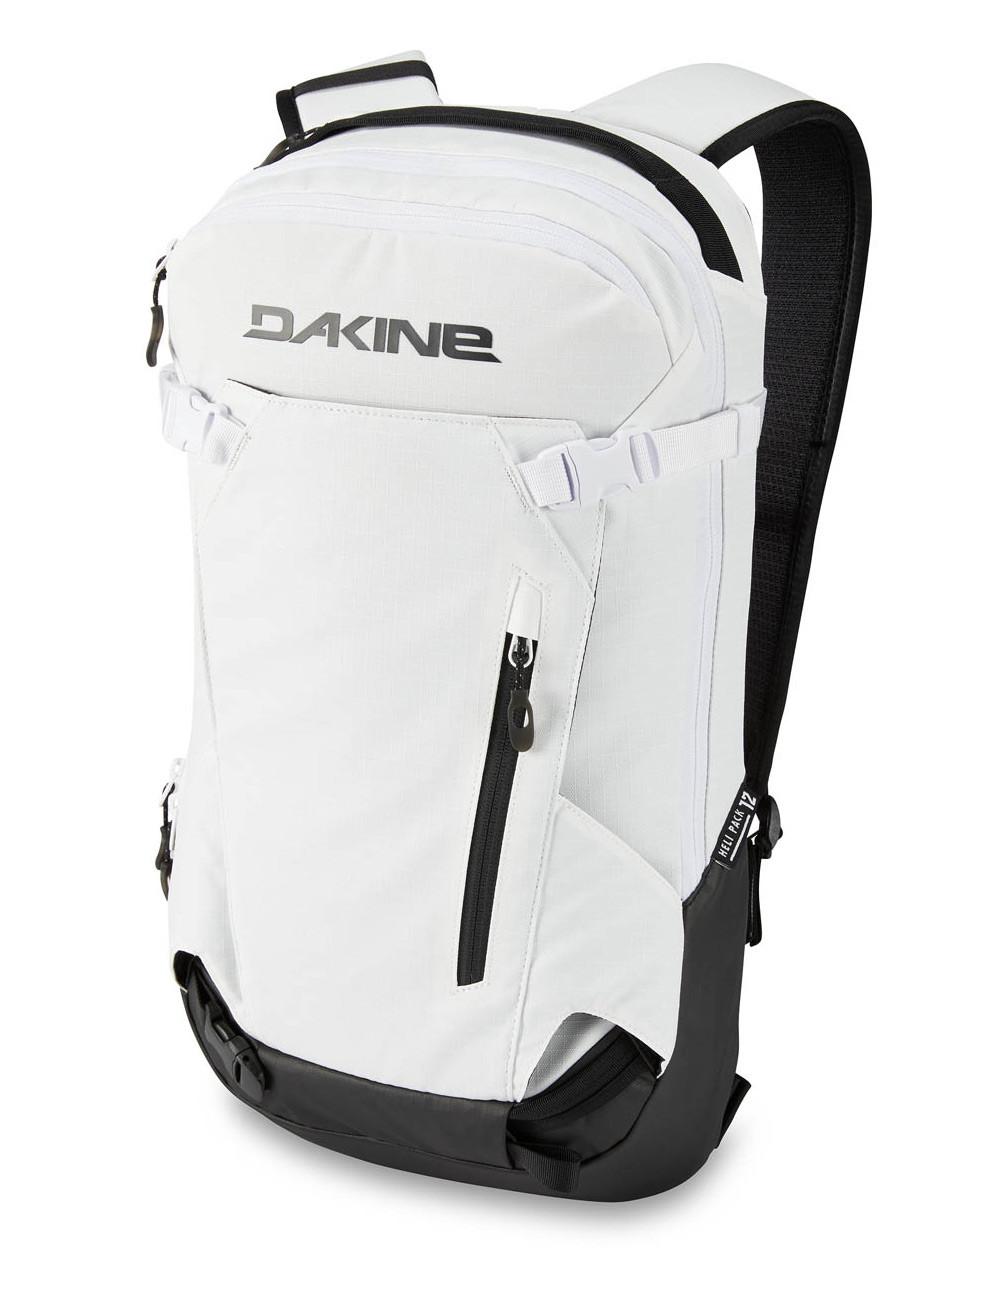 Plecak DAKINE HELI PACK 12L bright white